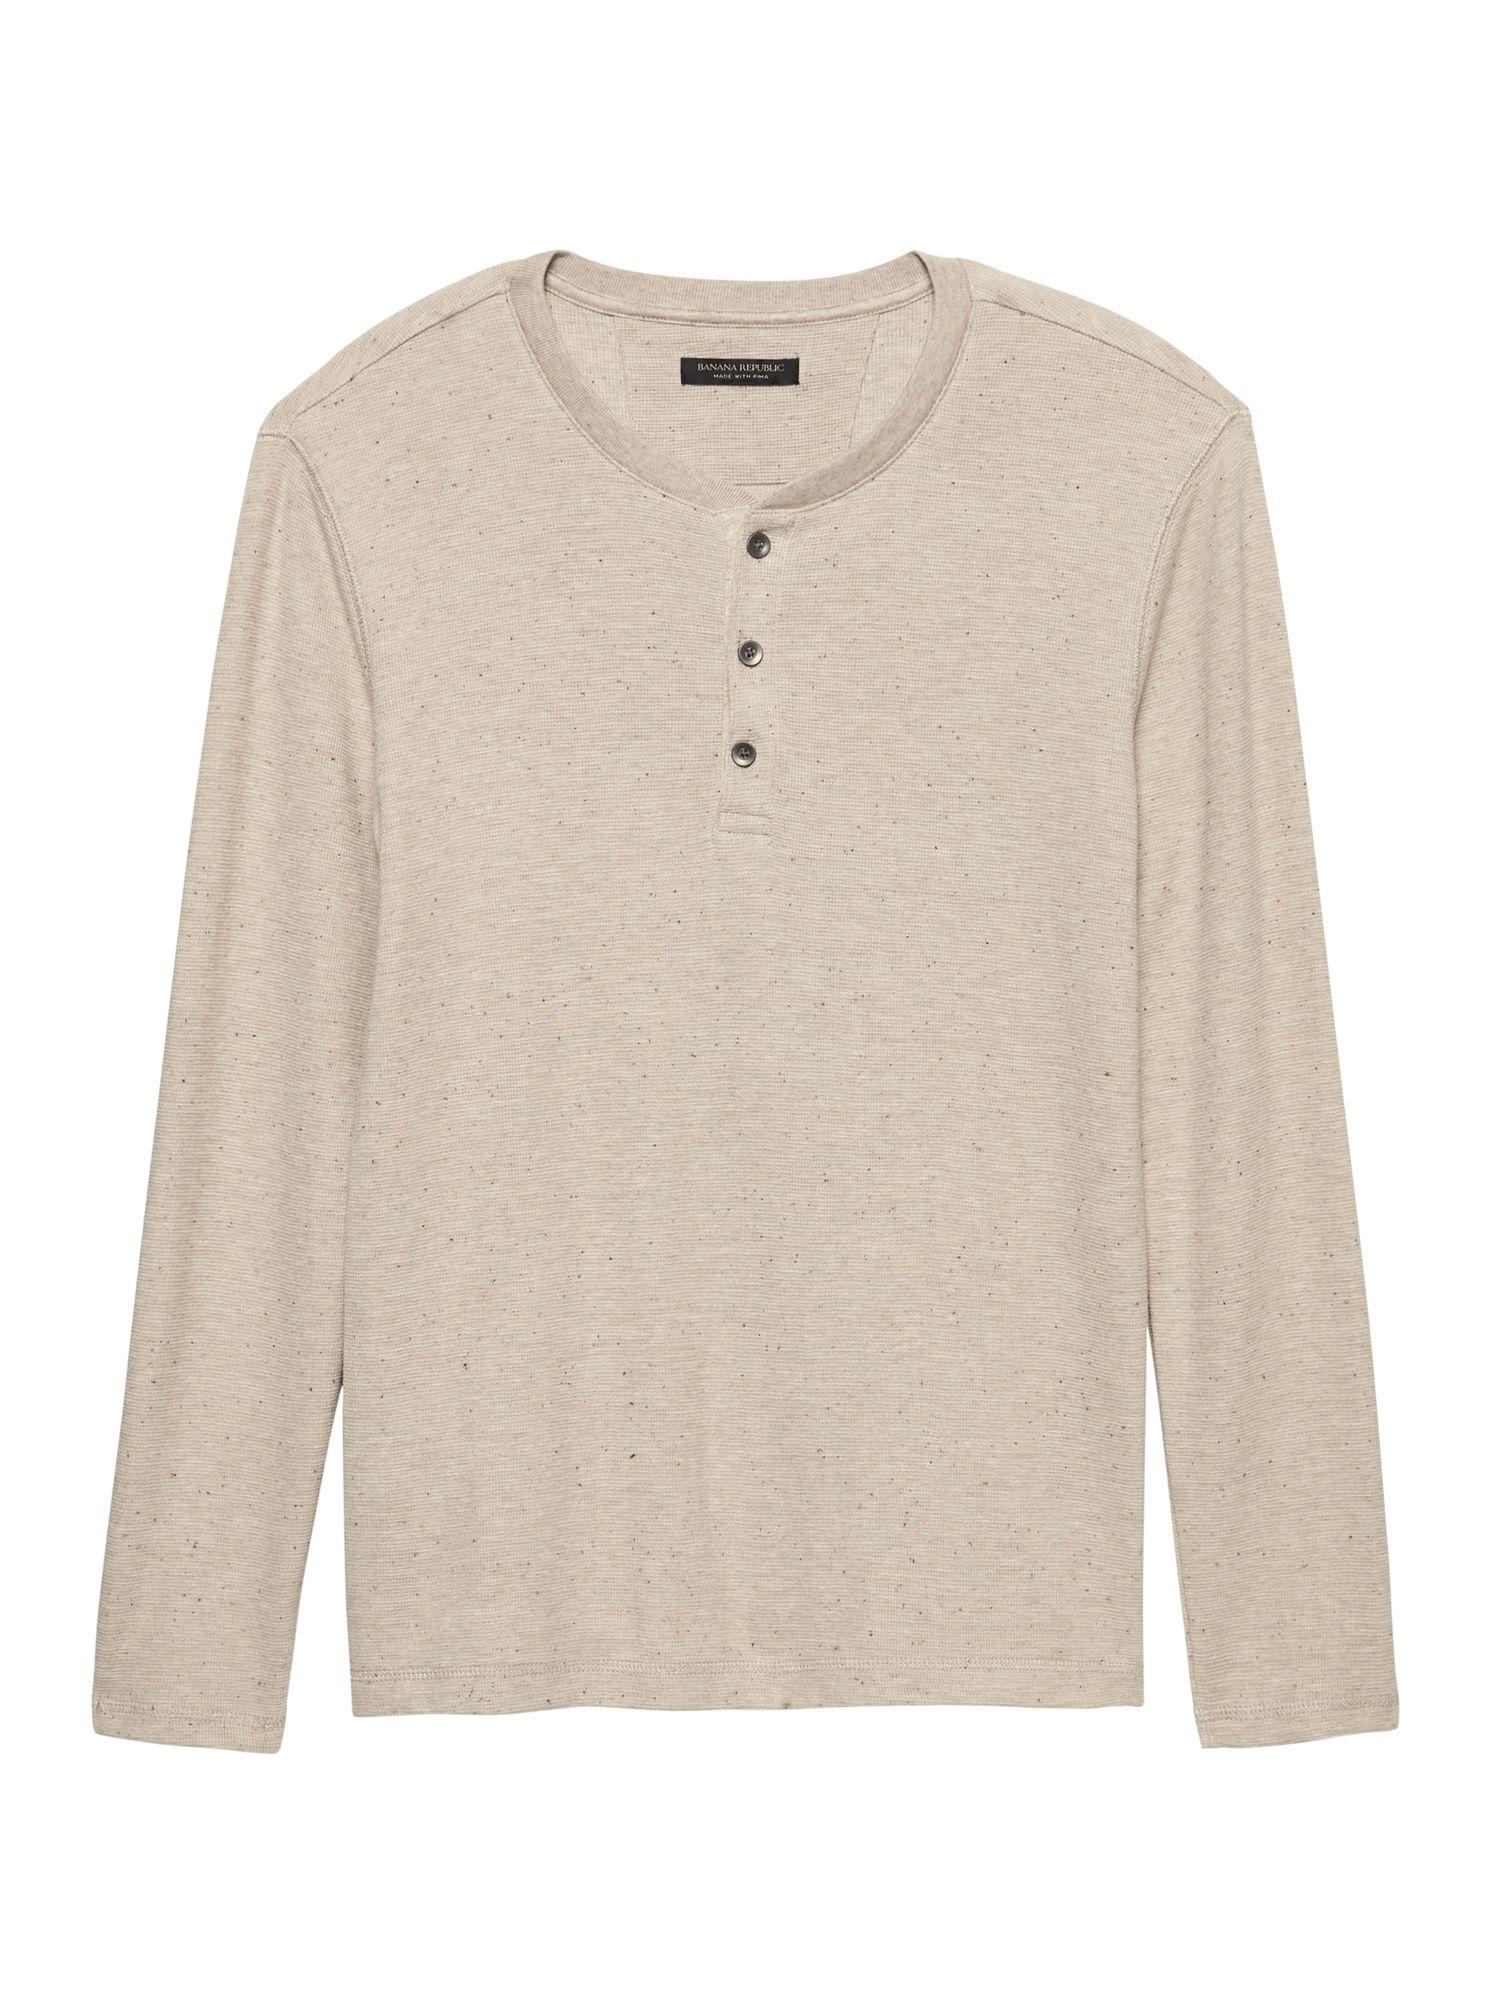 Waffle-Knit Henley Thermal T-Shirt   Banana Republic   Wardrobe ... 0baf0d269107